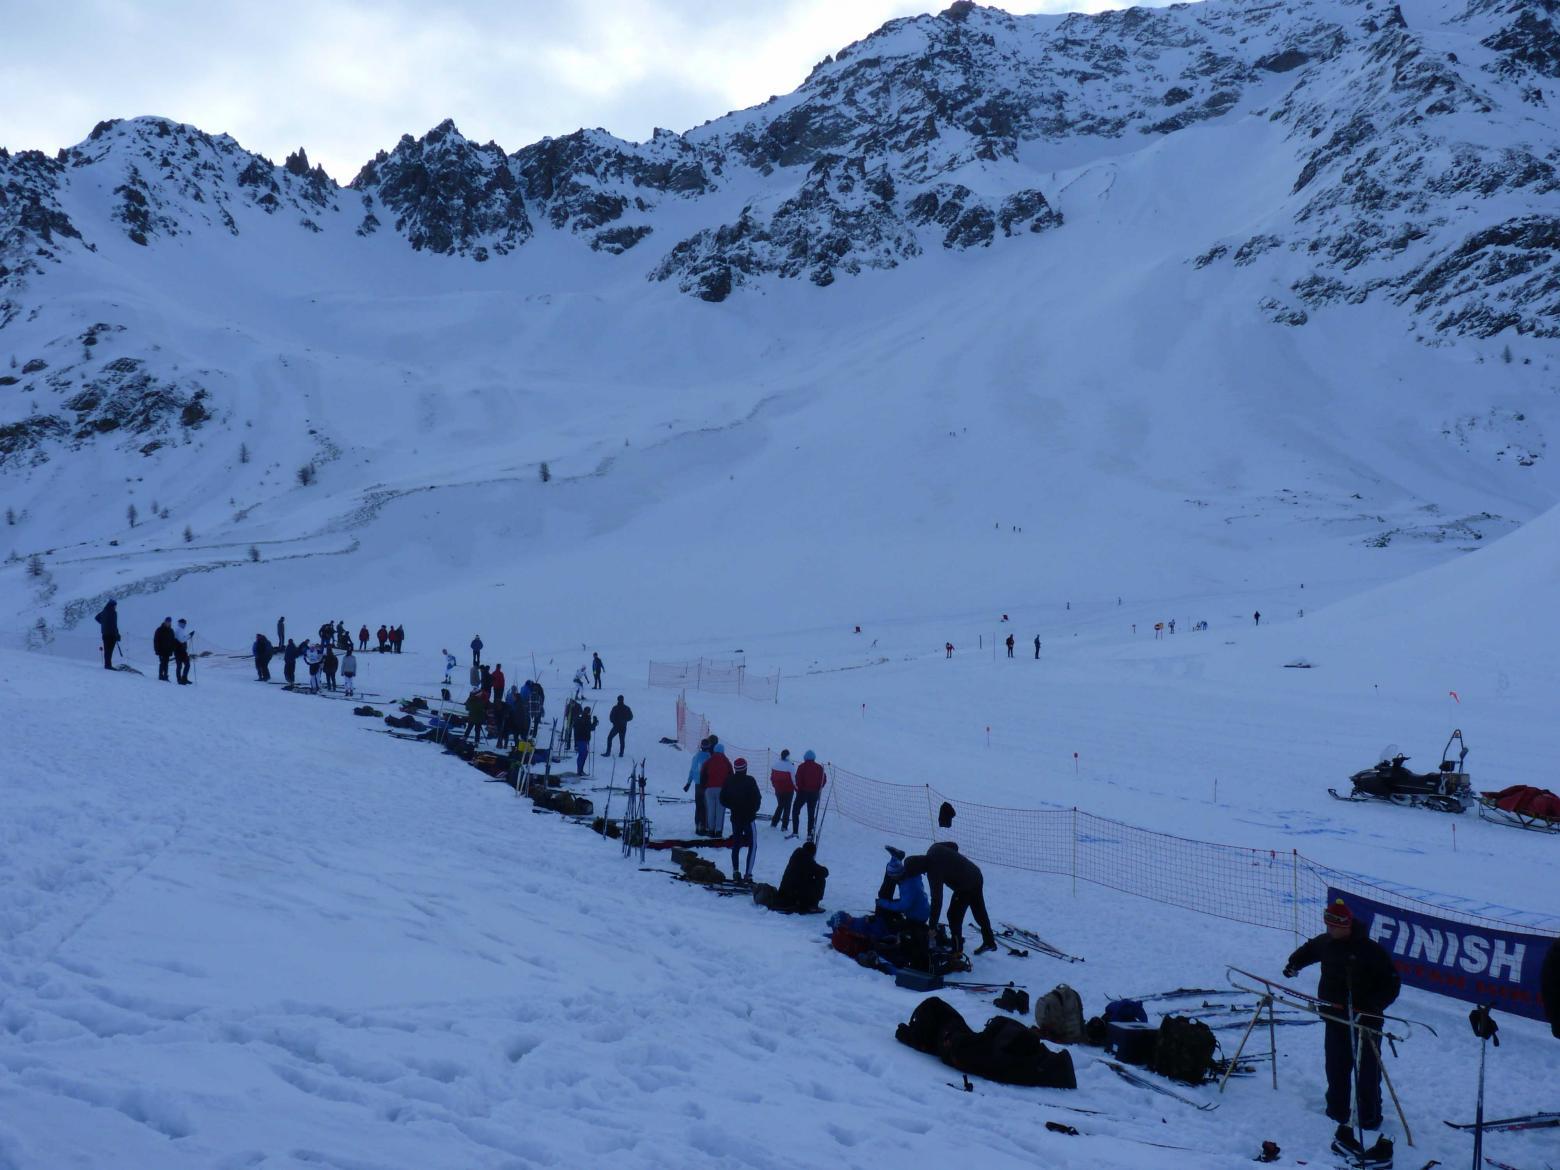 """l'habituelle compétition de ski de fond des """"militaires anglais"""" a pris de l'altitude jusqu'au col où un parcours a pu leur être proposé."""